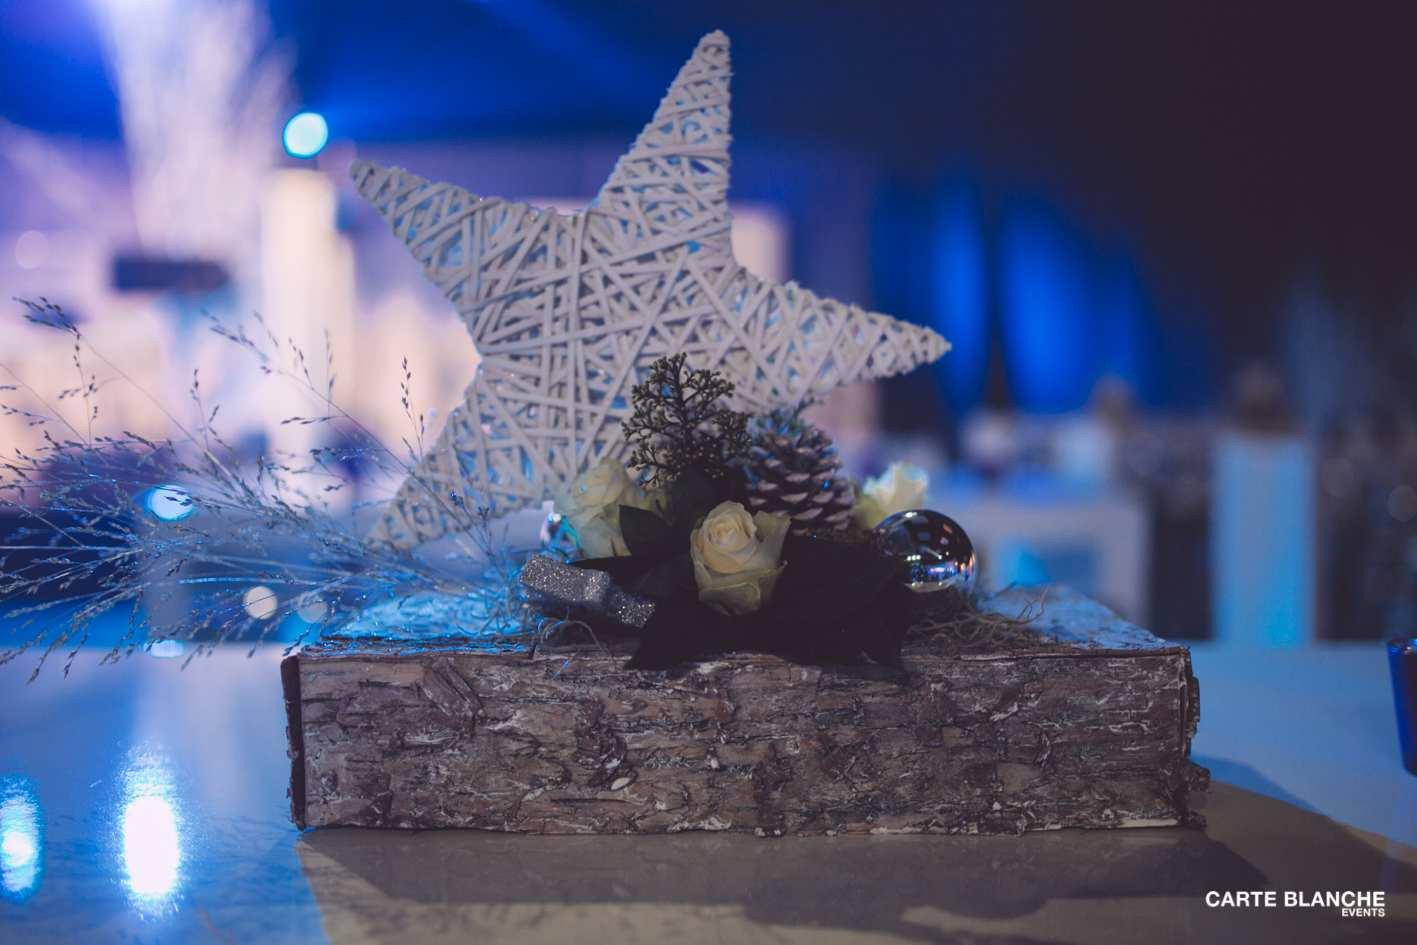 xmas-party-ferrero-2013-décoration-carte-blanche-projet